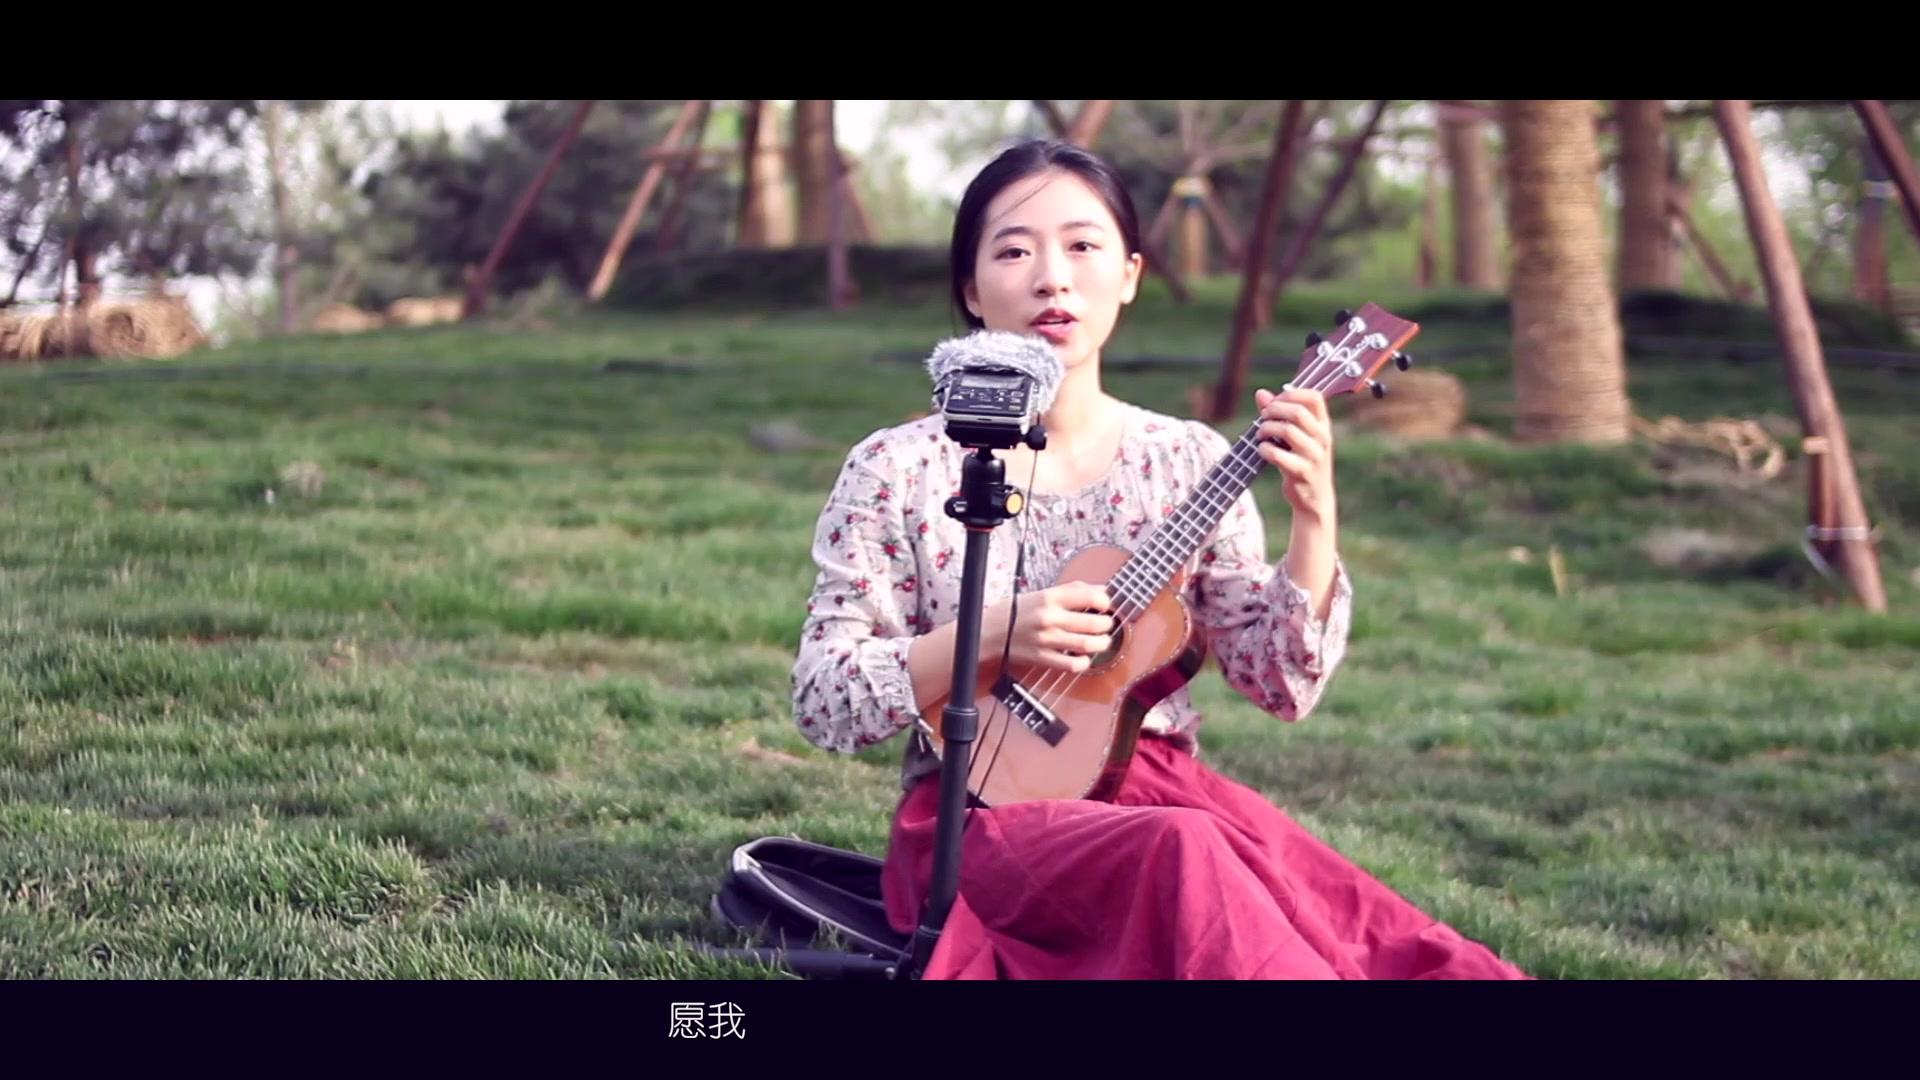 【何璟昕】ukulele彈唱 分分鐘需要你_嗶哩嗶哩 (゜-゜)つロ 干杯~-bilibili